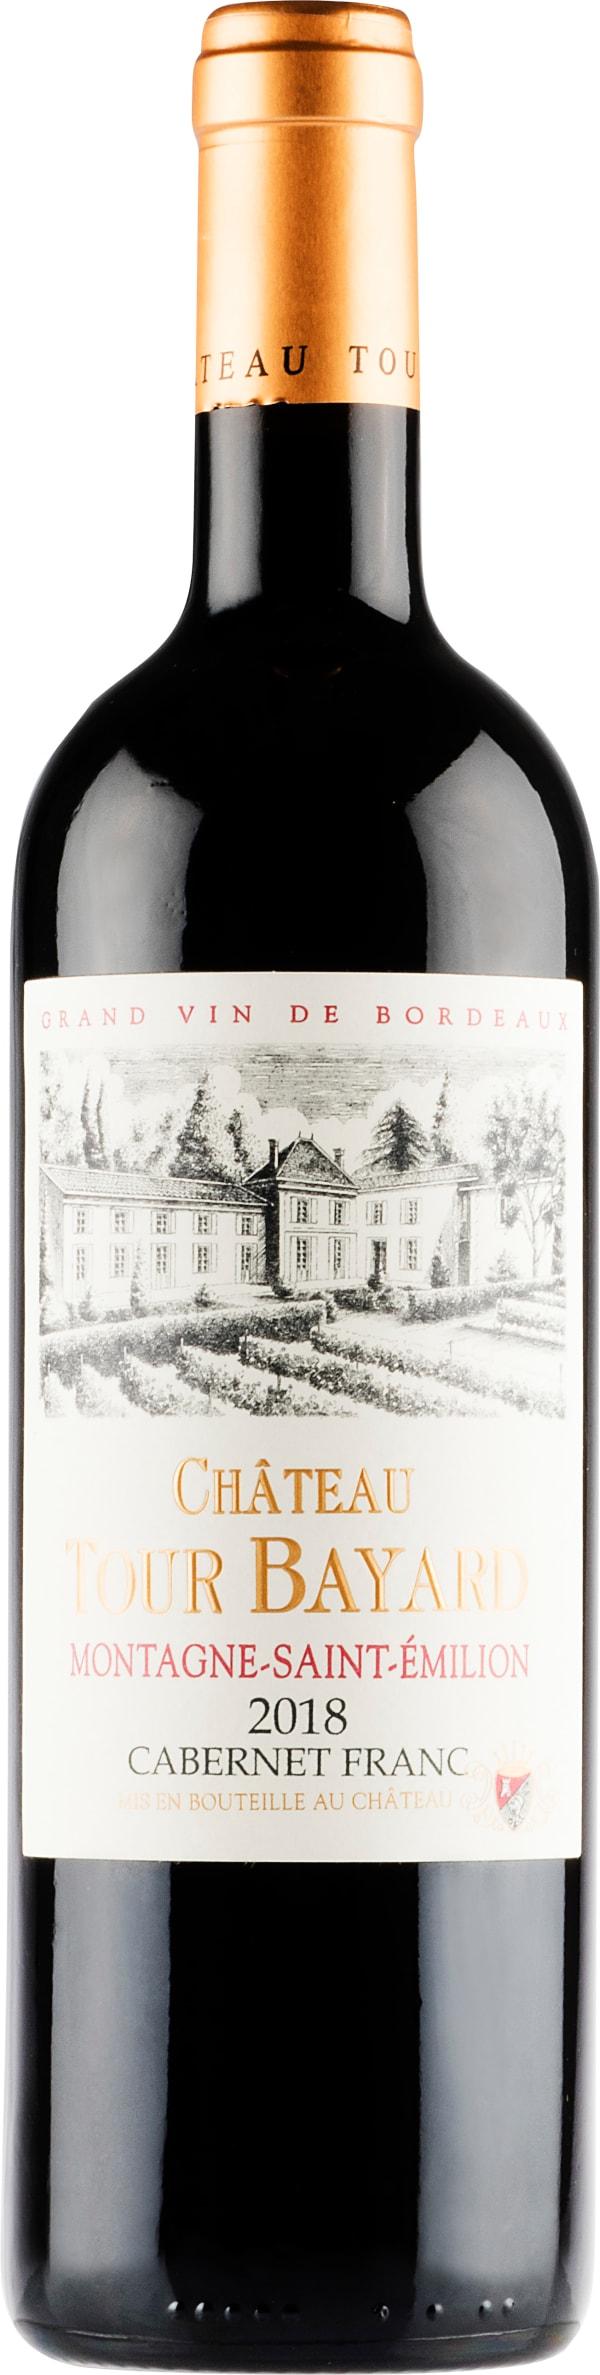 Château Tour Bayard Cabernet Franc 2018